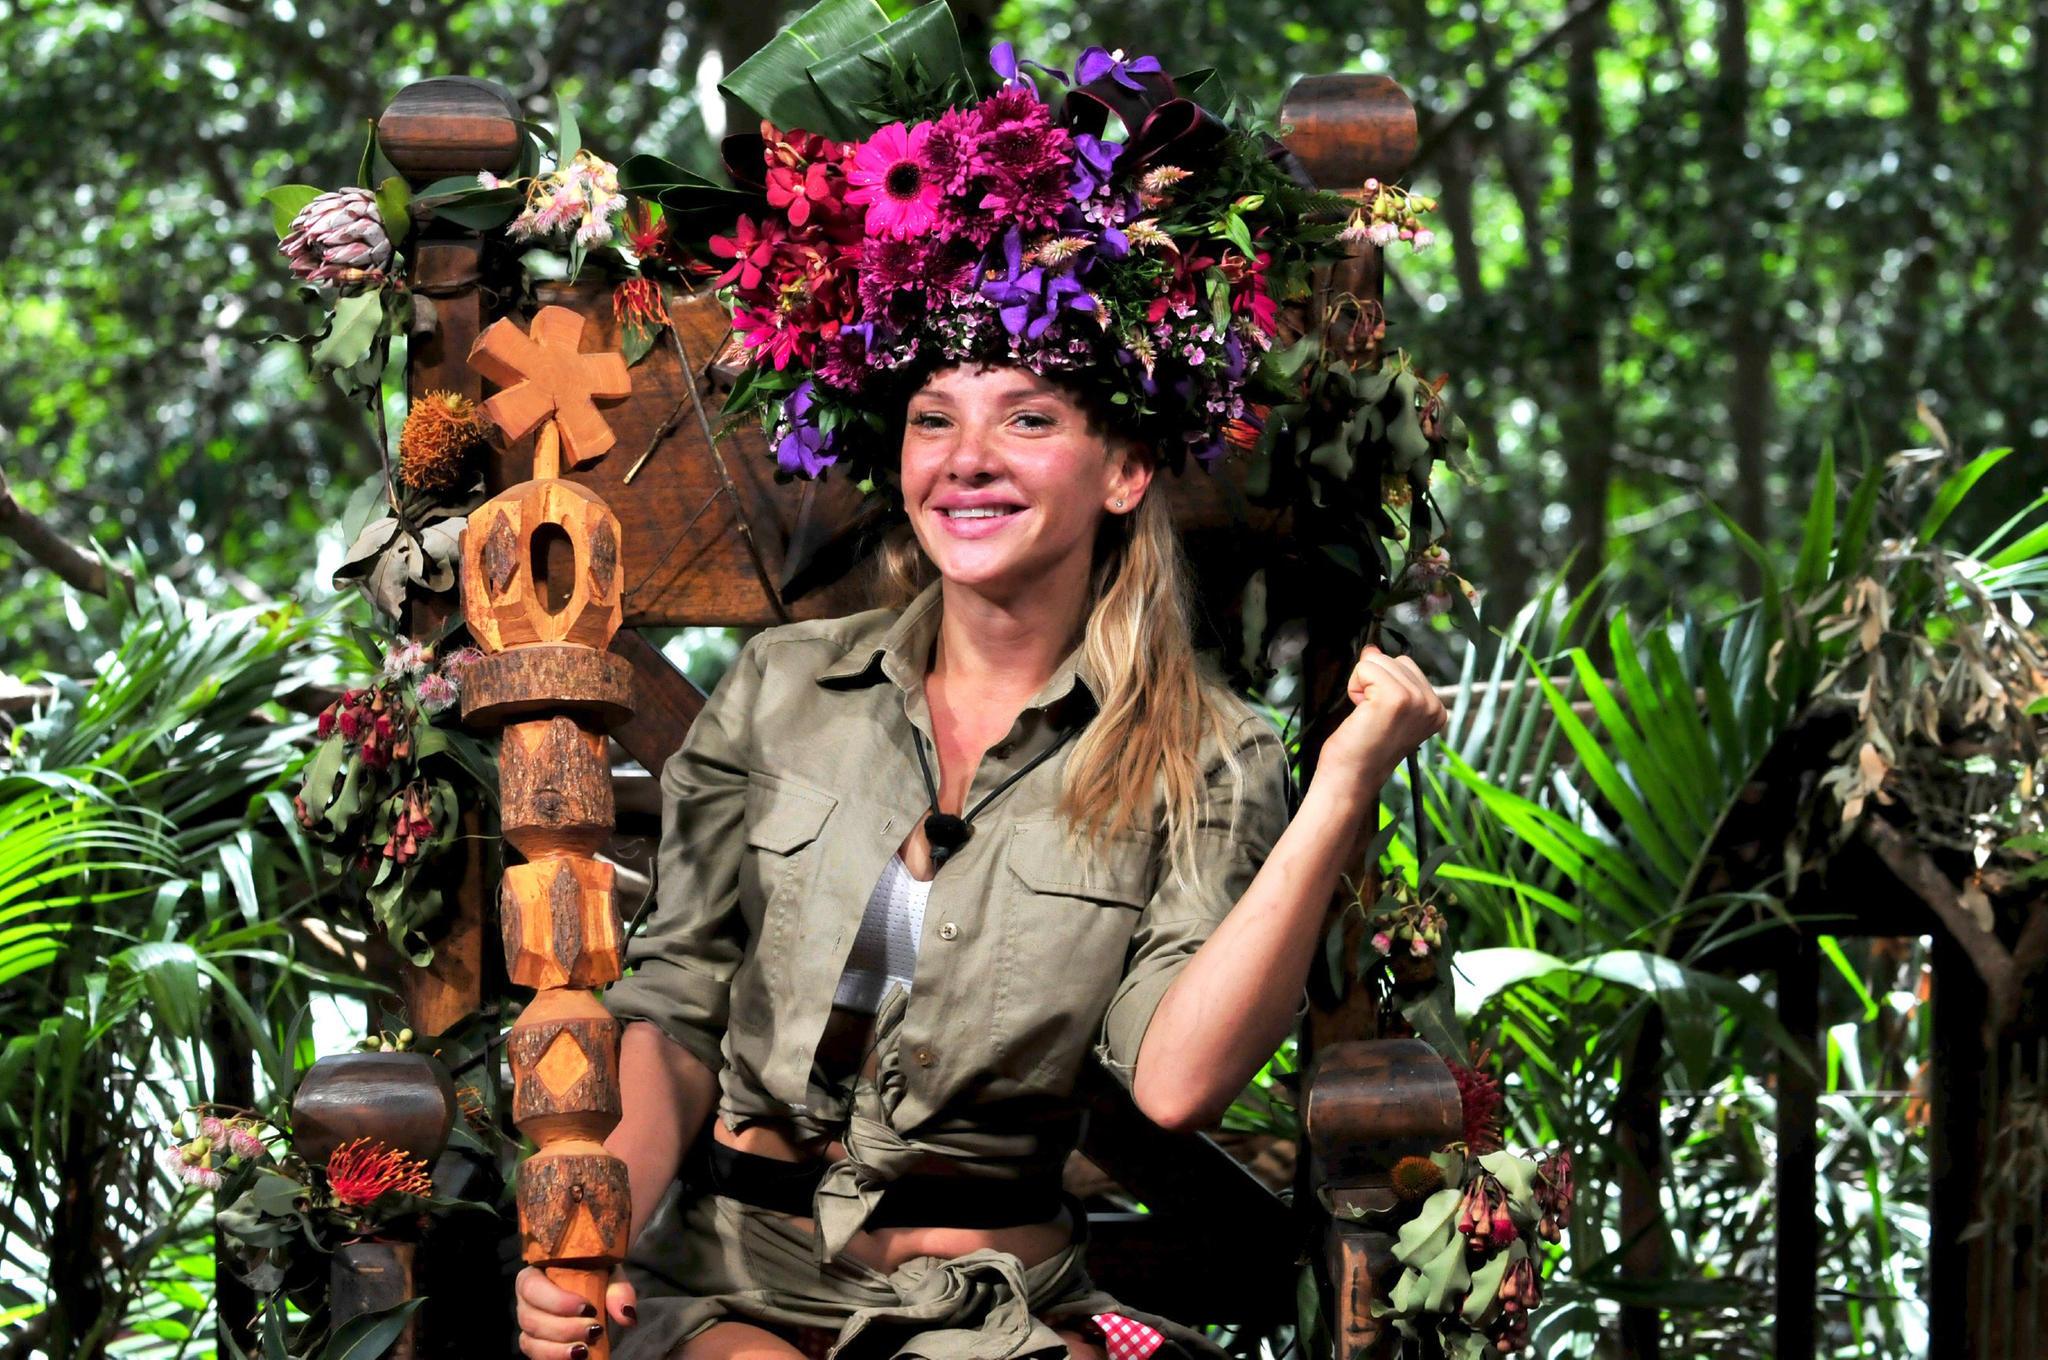 13. Staffel - 2019 - Evelyn Burdecki  Wie im Vorjahr hat sich eine Frau die Dschungelkrone erkämpft. Evelyn Burdecki heißt die Dschungelkönigin 2019. Durch ihre sympathisch, verpeilte Art, konnte Evelyn die Herzen der Zuschauer gewinnen und sich im Finale gegenFelix van Deventer und Peter Orloff durchsetzen.